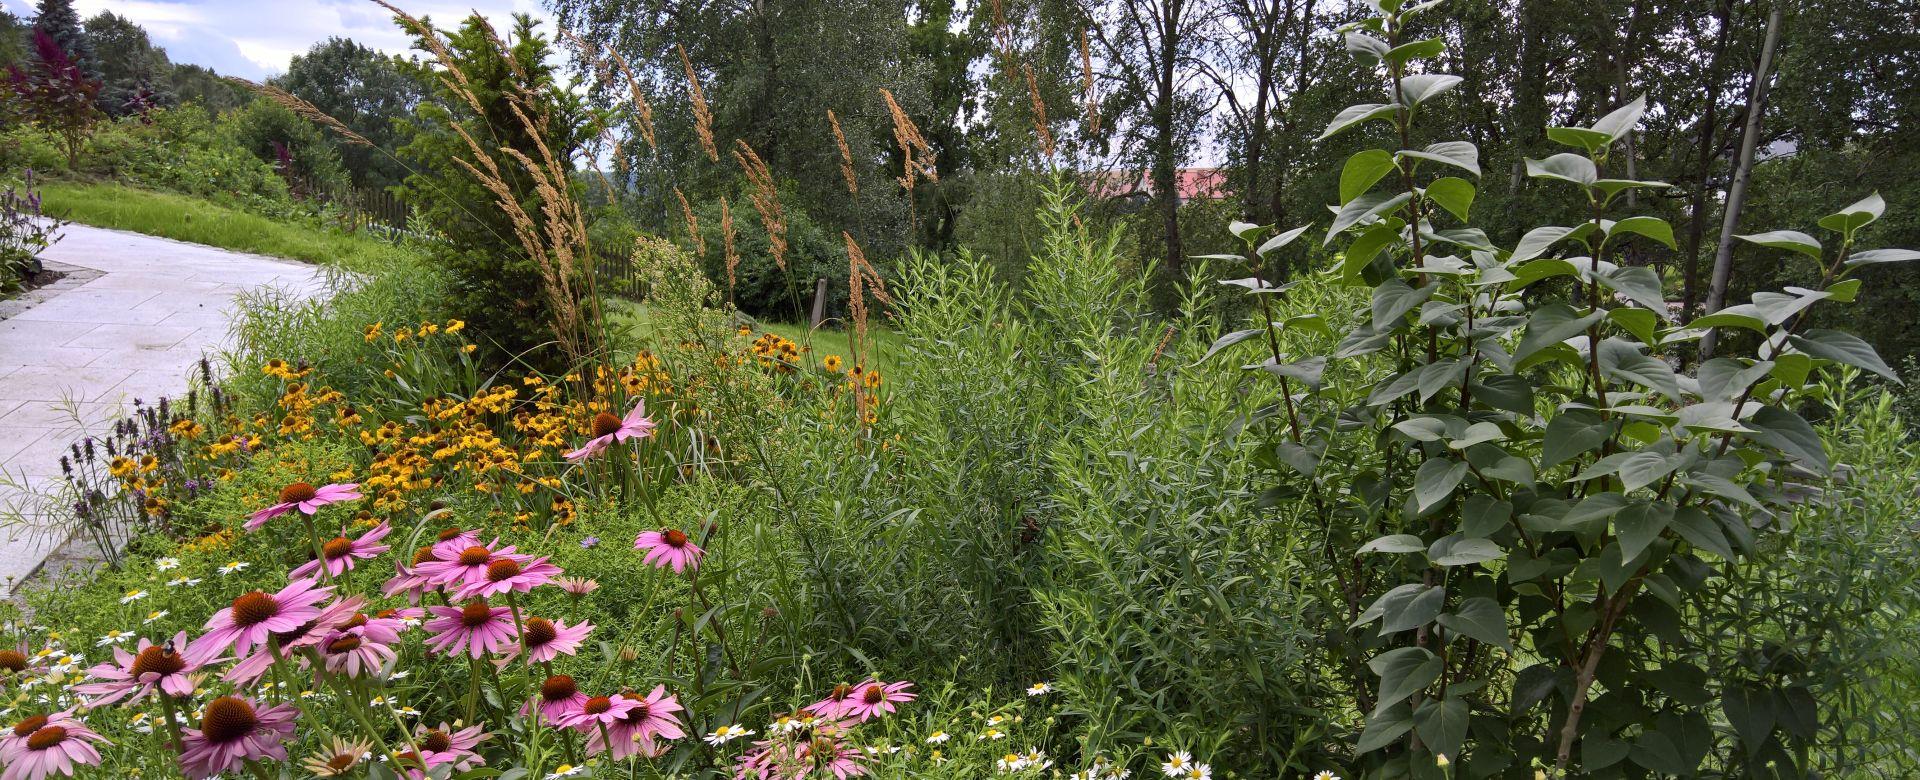 gartenbau landschaftsbau in zwickau chemnitz plauen gera. Black Bedroom Furniture Sets. Home Design Ideas